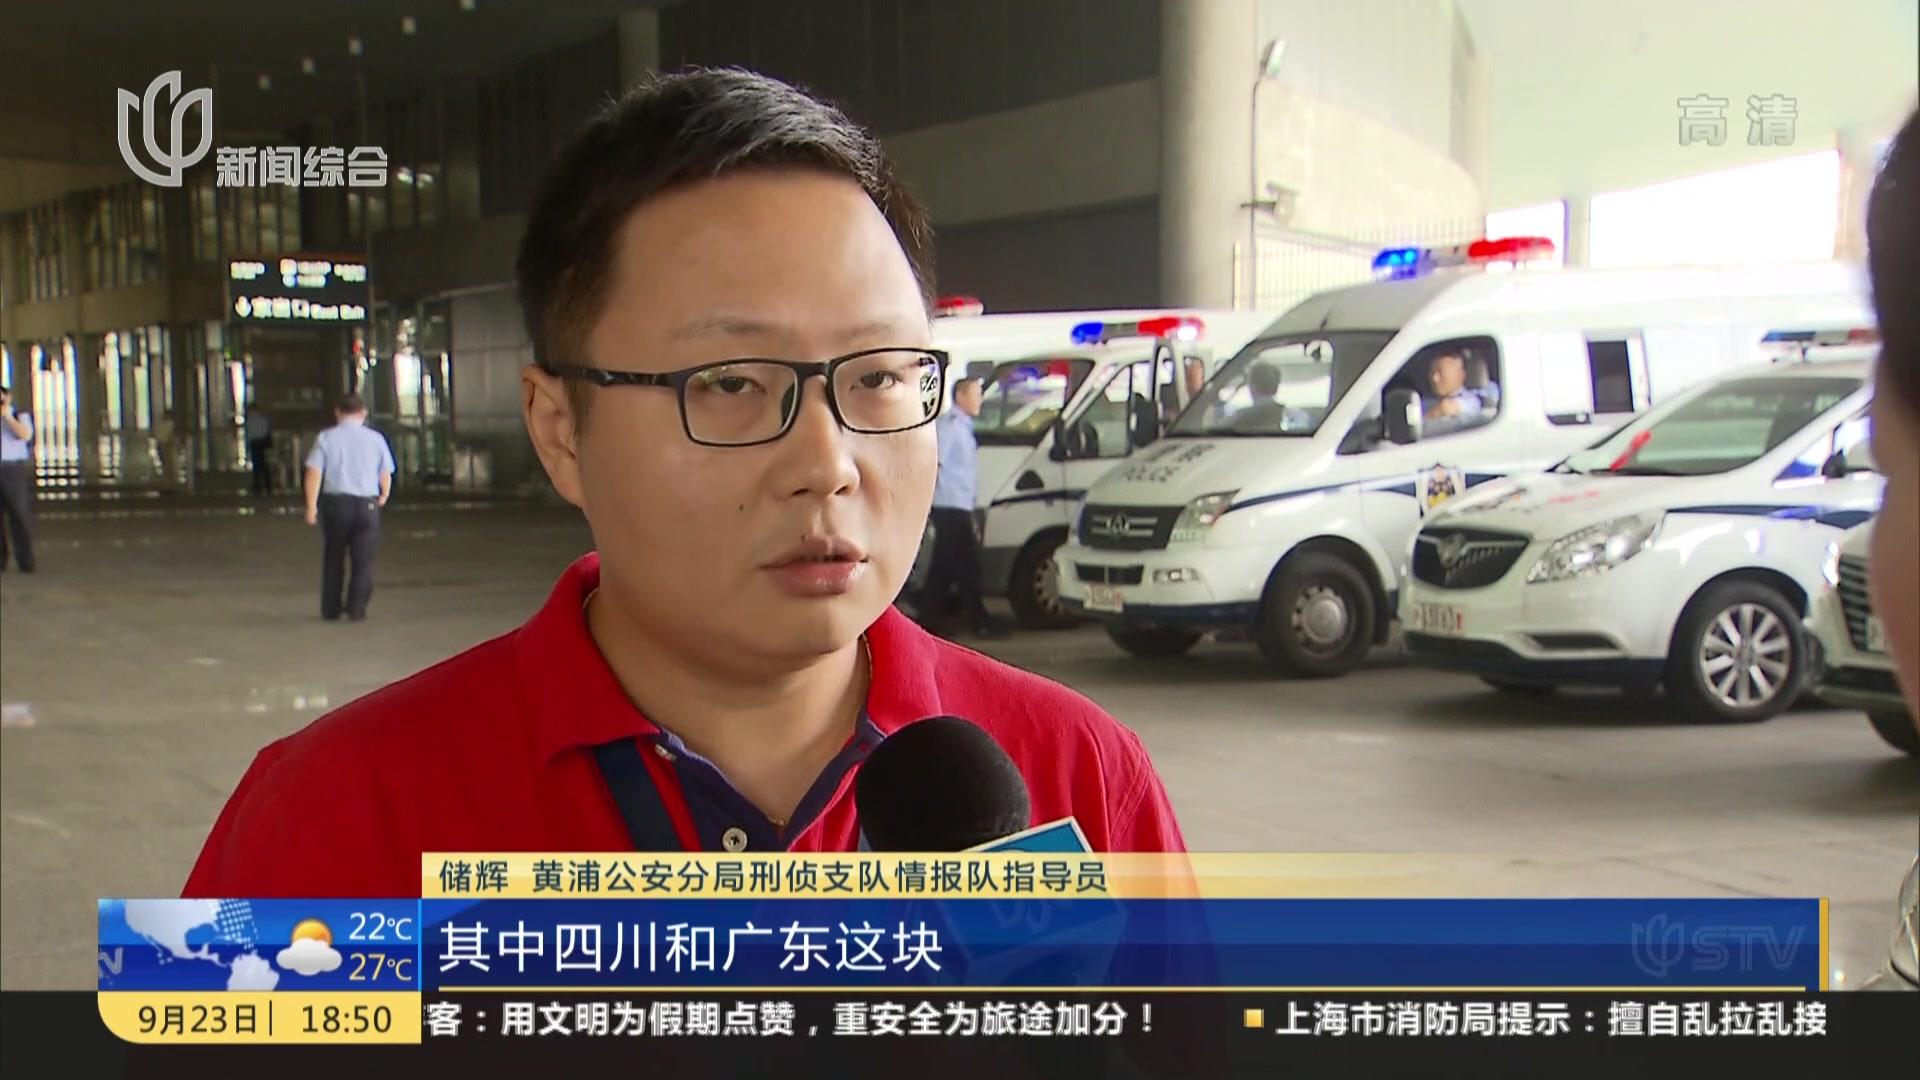 利用小额免密支付盗刷提现  黄浦警方摧毁一电信诈骗团伙